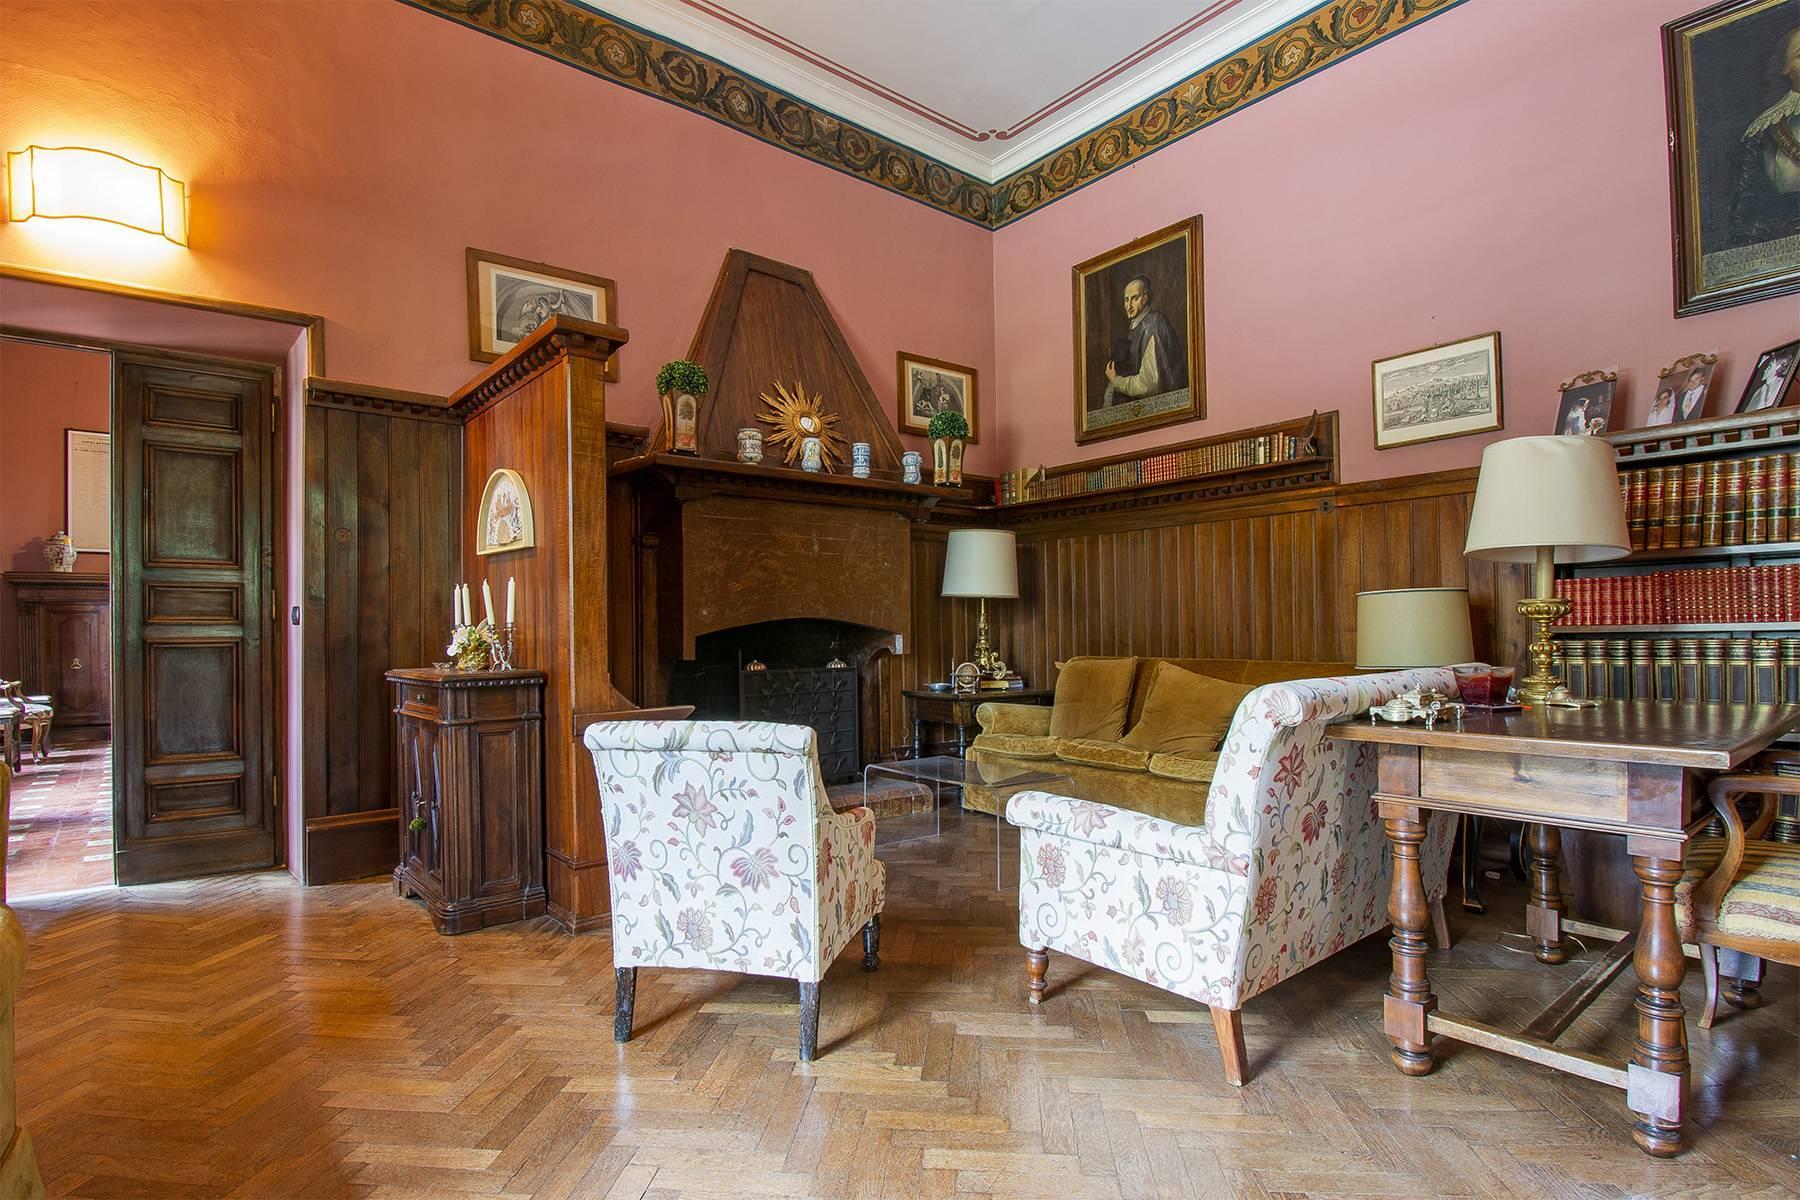 Magnifica villa dell'800 nel cuore dell'Umbria - 22